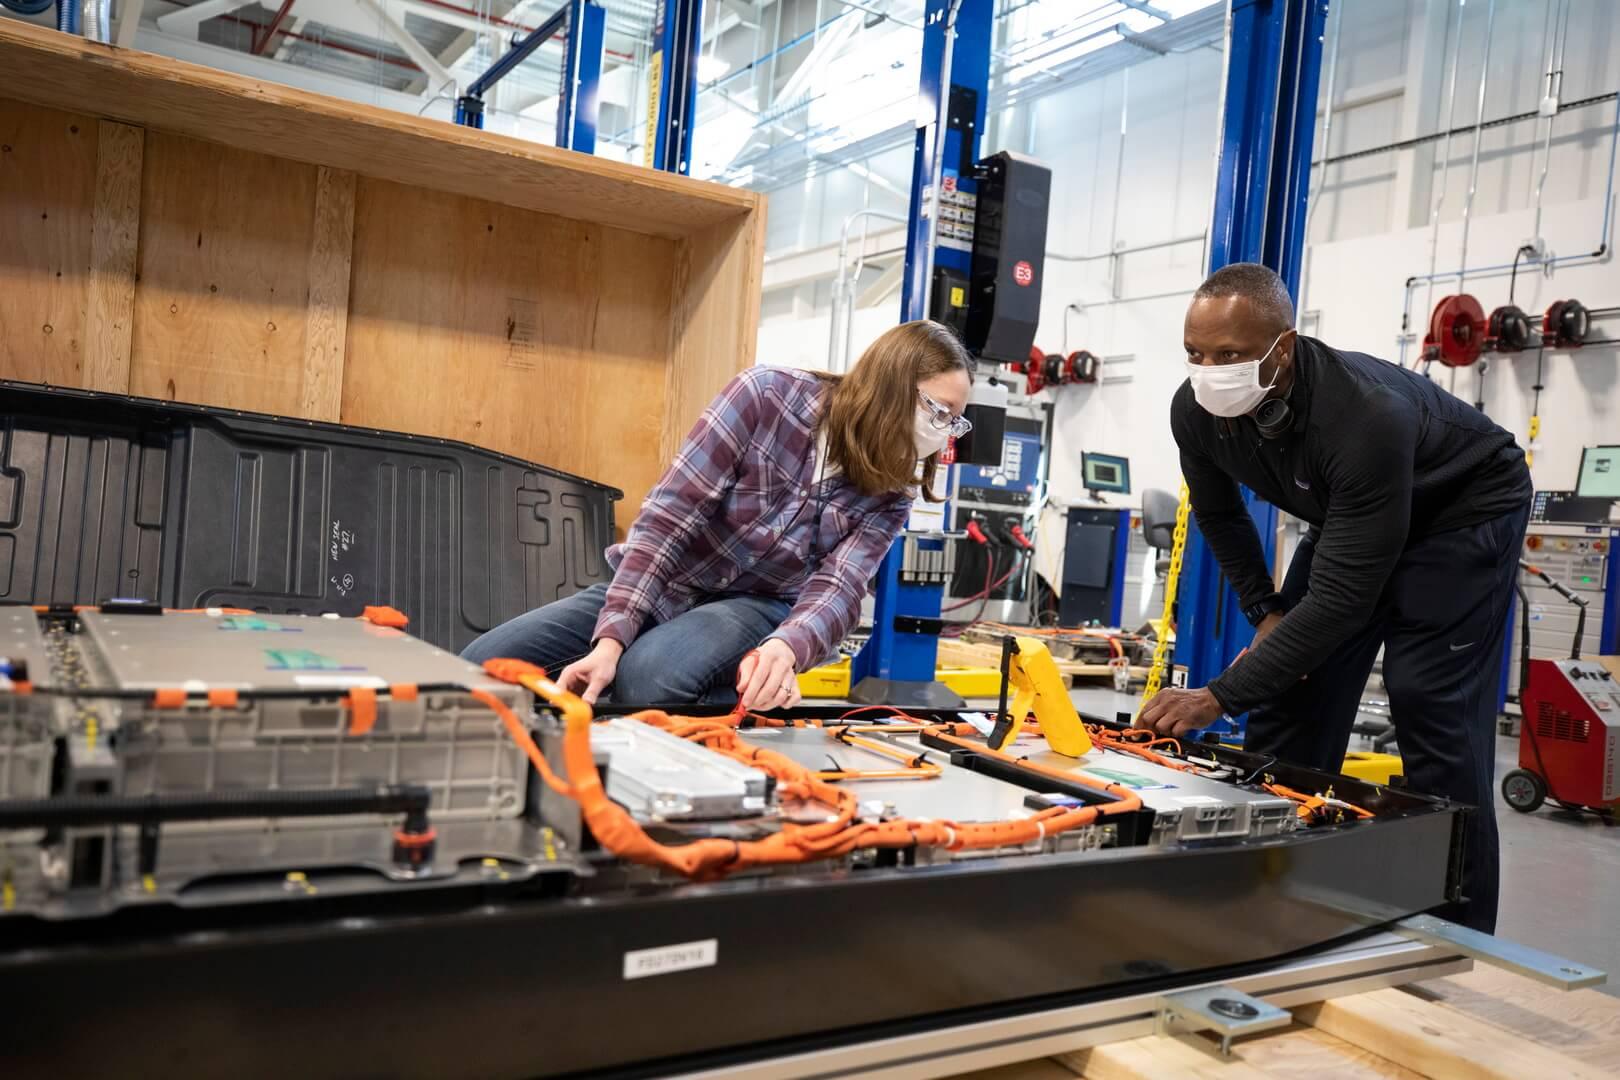 Новая учебная лаборатория Ford — Ford Ion Park — будет базироваться в Ромулусе, штат Мичиган